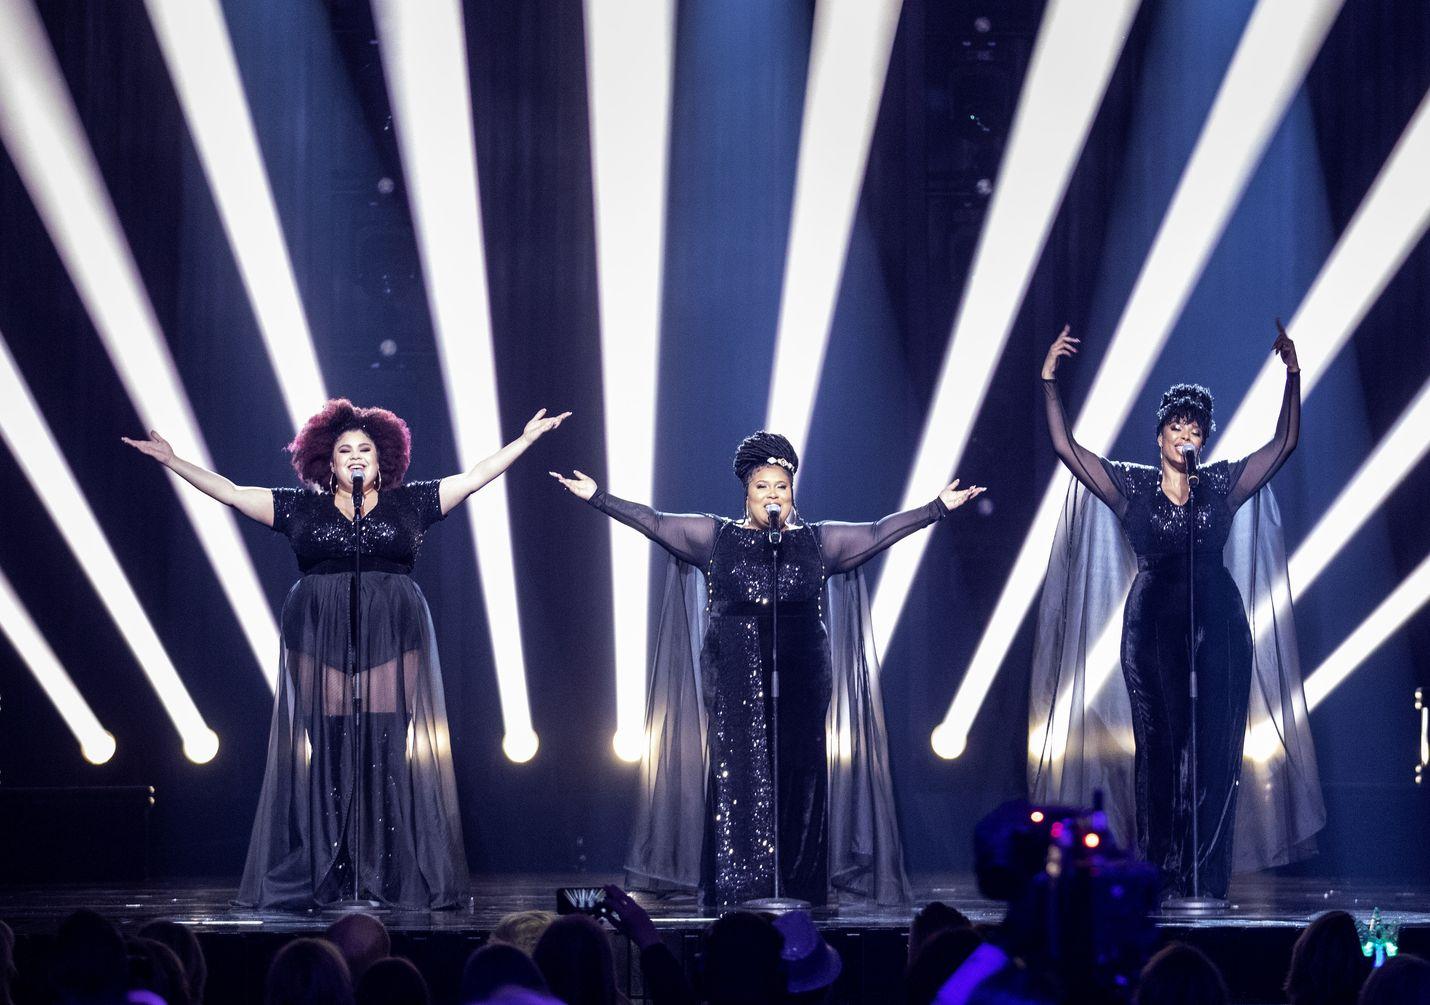 Ruotsi ei kiellä yleisötapahtumia, vaikka koronavirus on alkanut levitä maassa. Lauantaina Melodifestivalenissa Tukholmassa suuryleisö seurasi The Mamas -yhtyeen valintaa euroviisuihin.